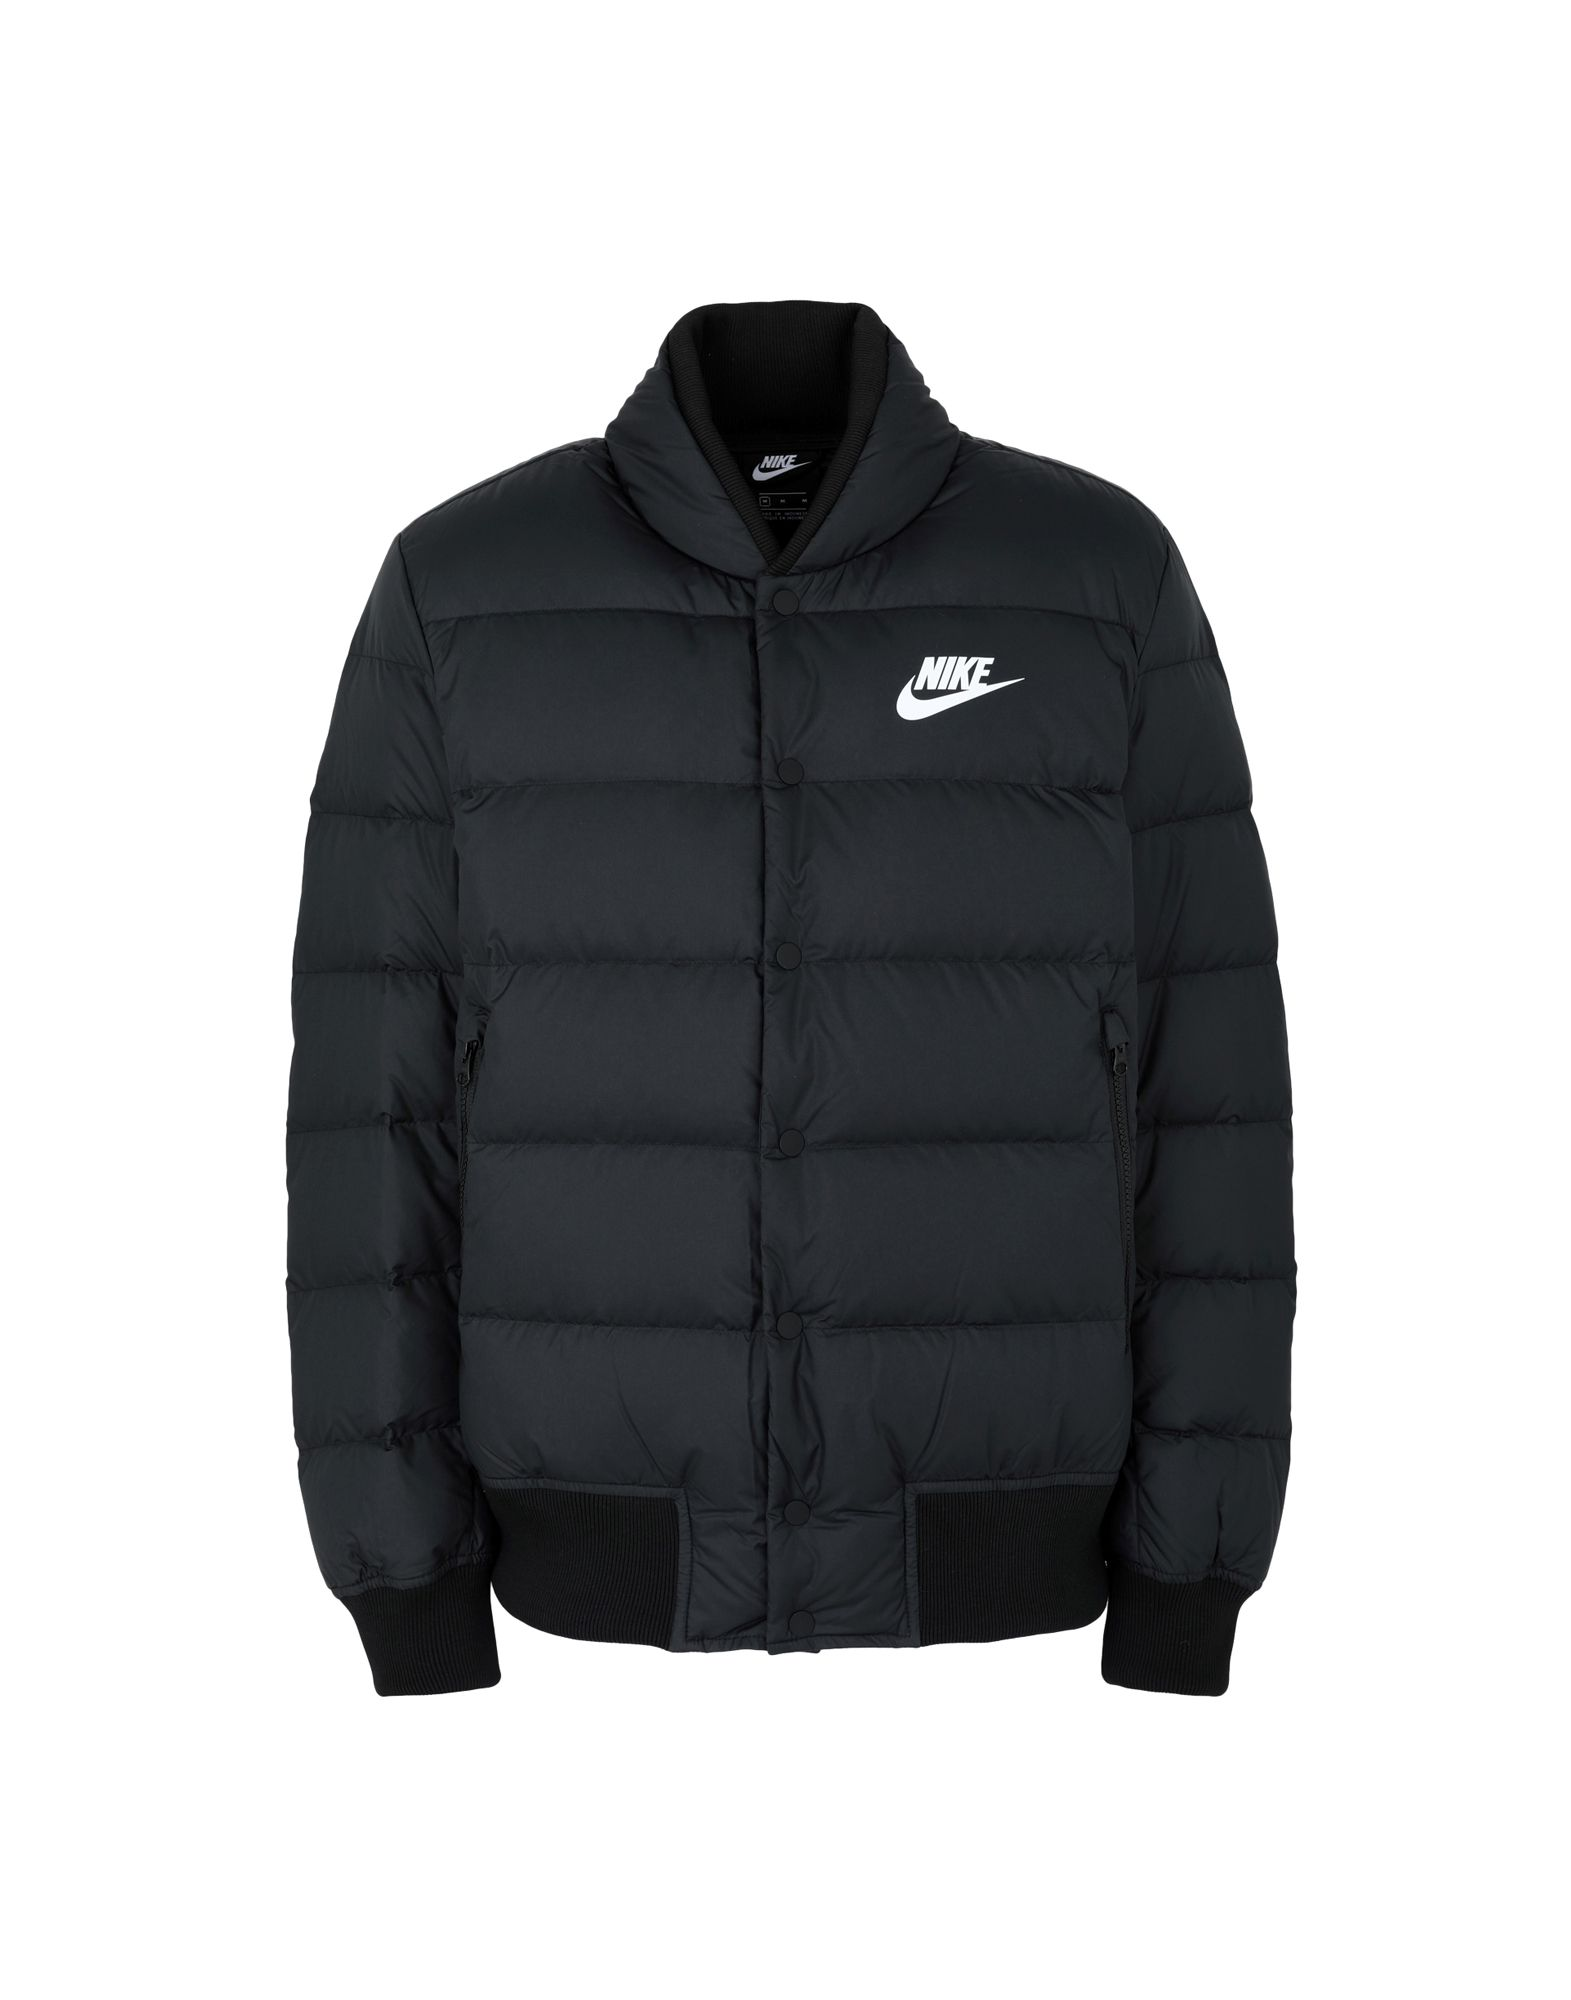 Piumino Nike   Down Fill Bombr - uomo - 41843556HU  schneller Versand zu Ihnen